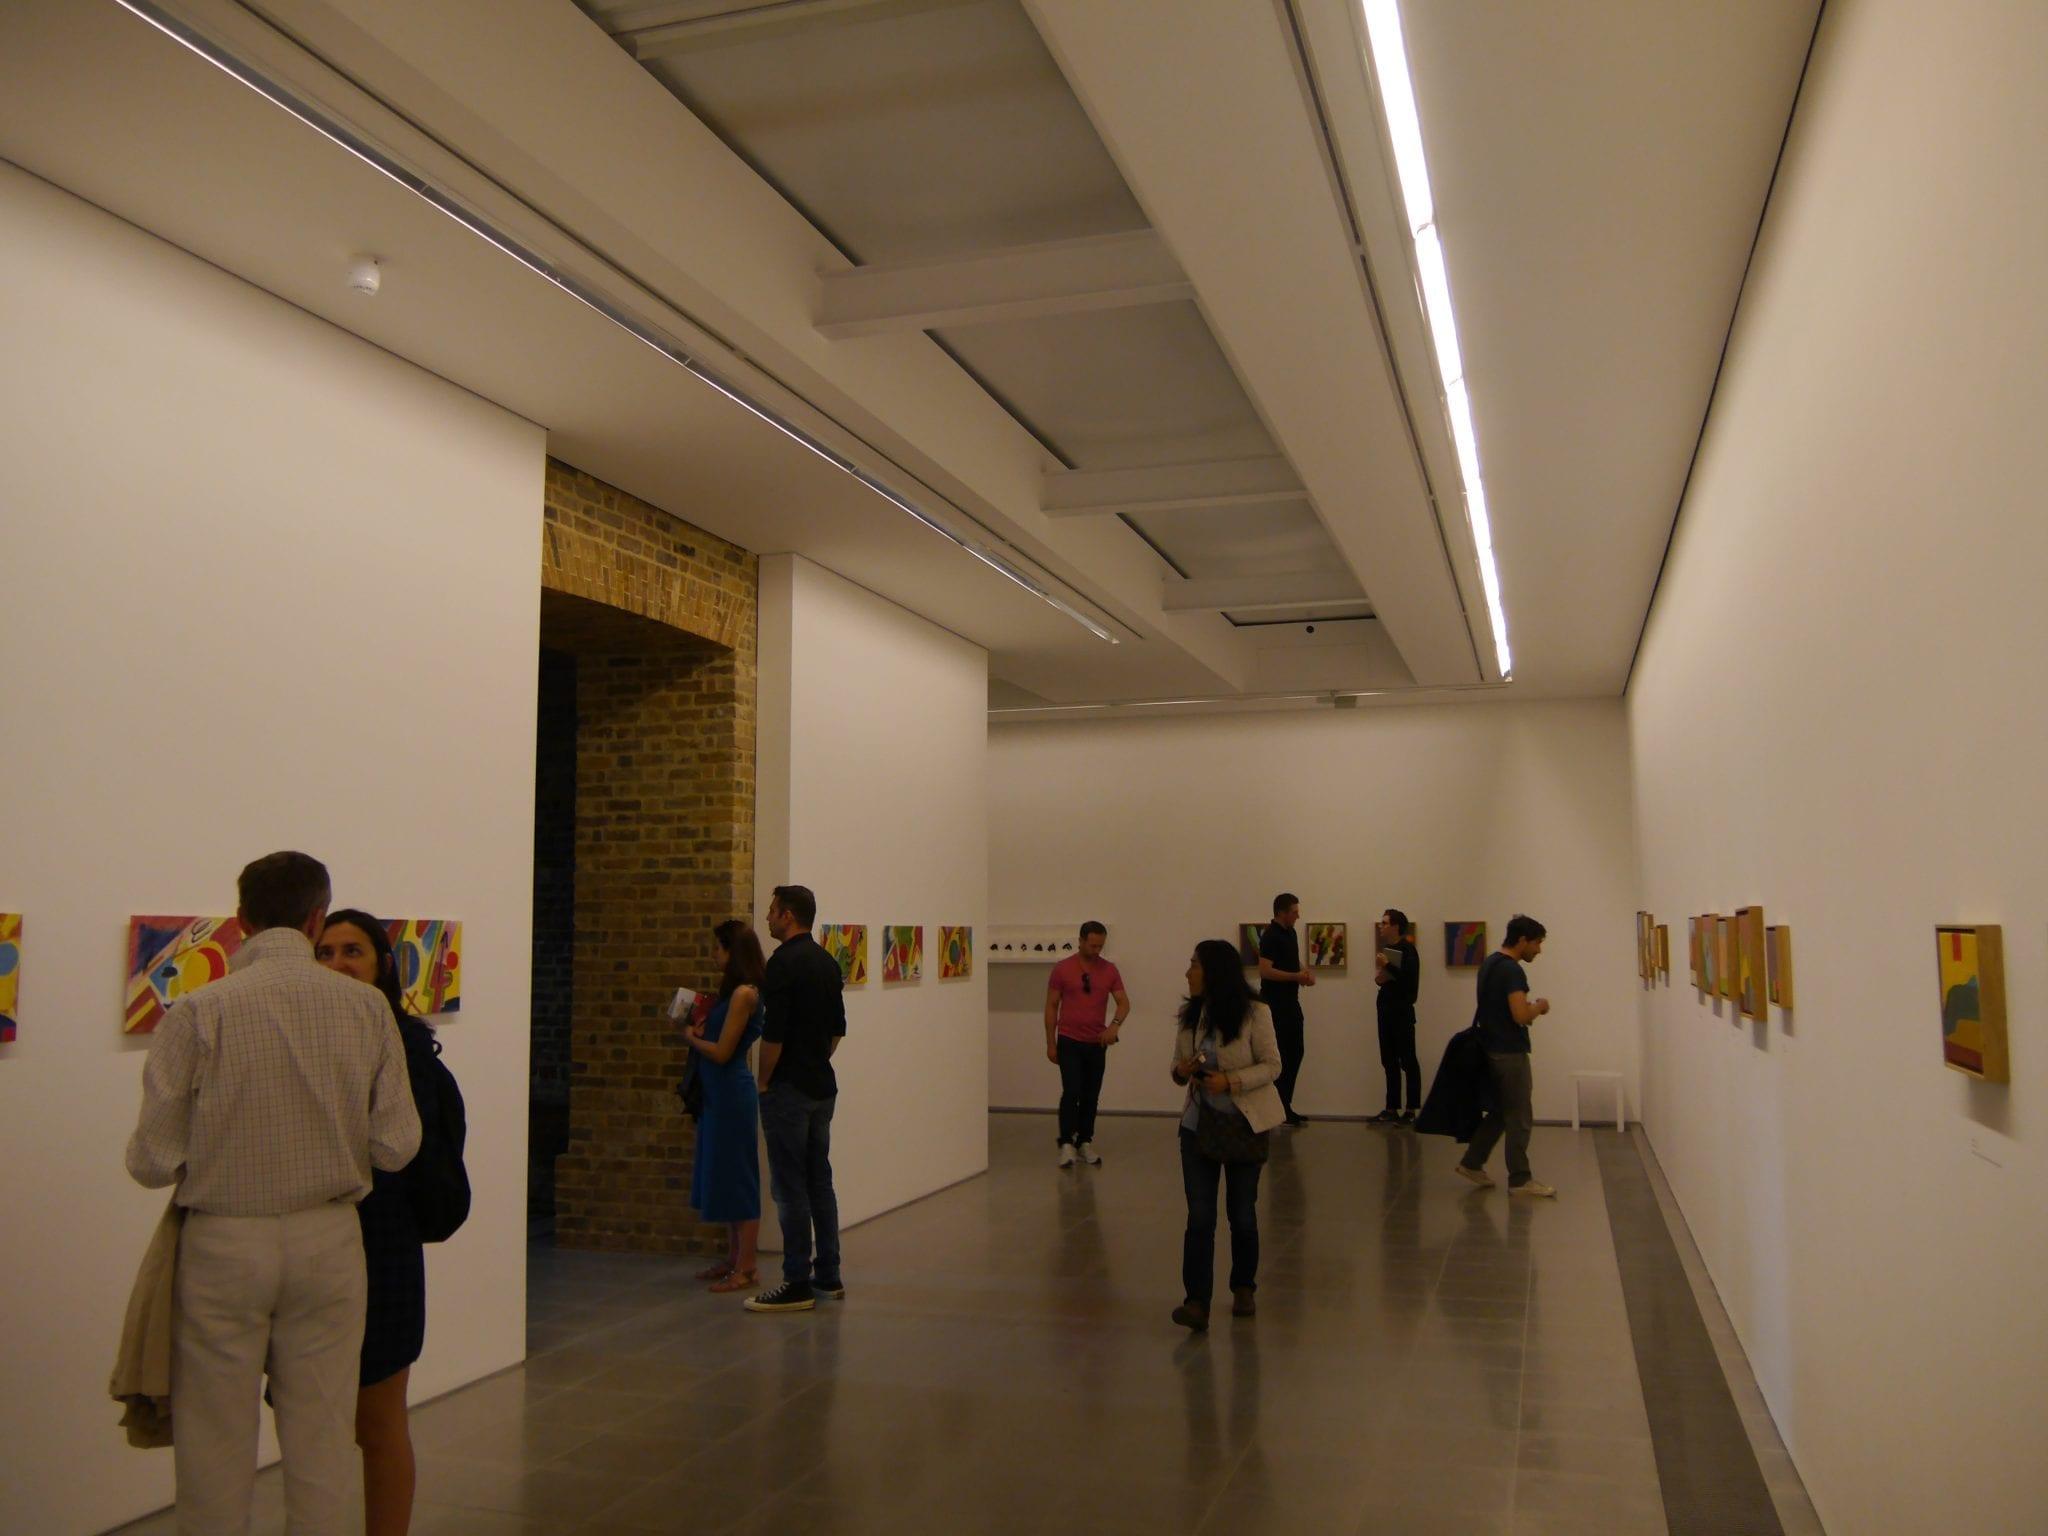 Precio del Pavilion de la Serpentine Sackler Gallery